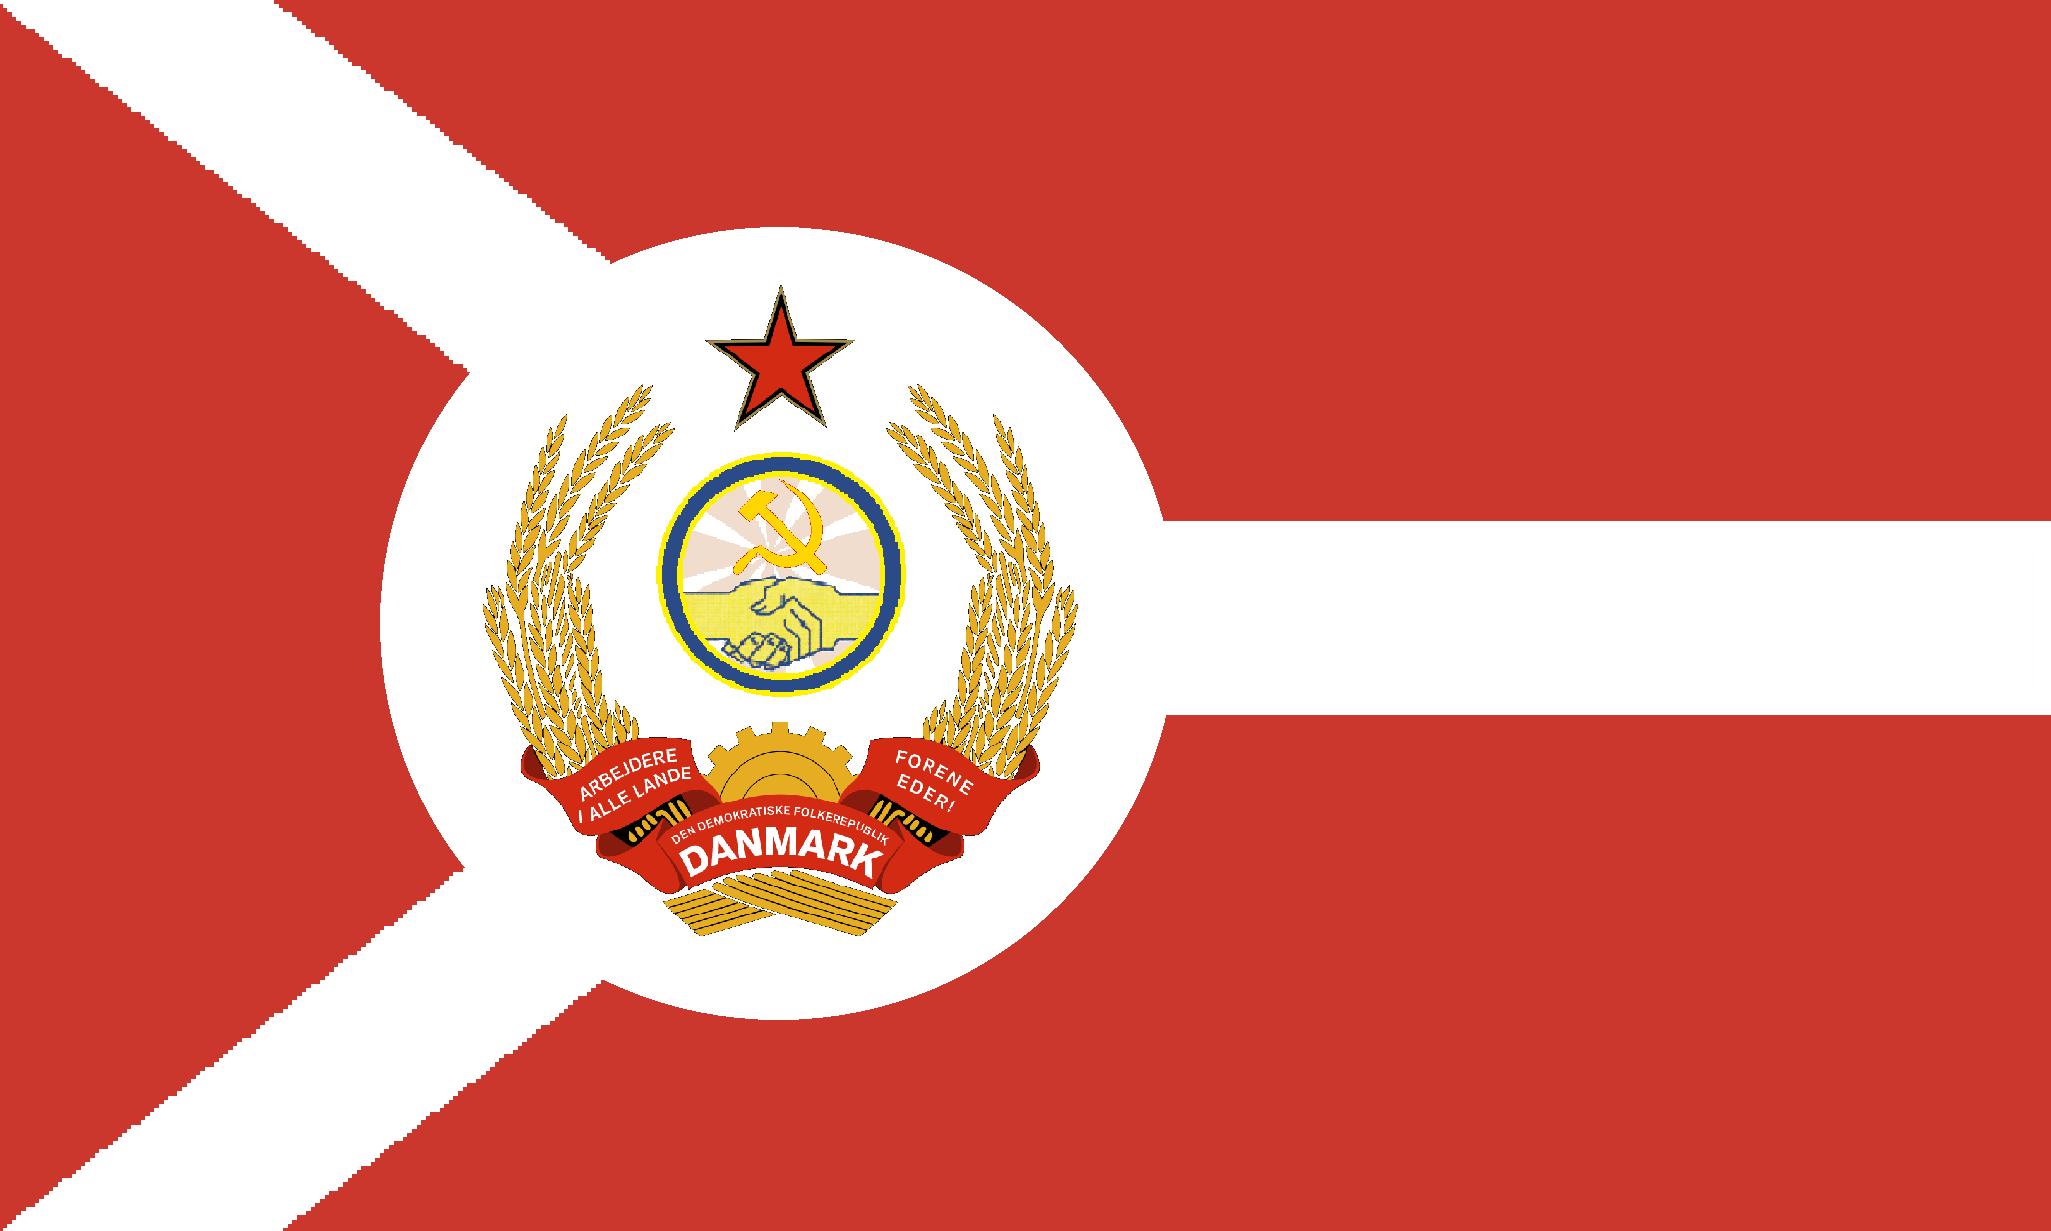 communist flag of Denmark.png